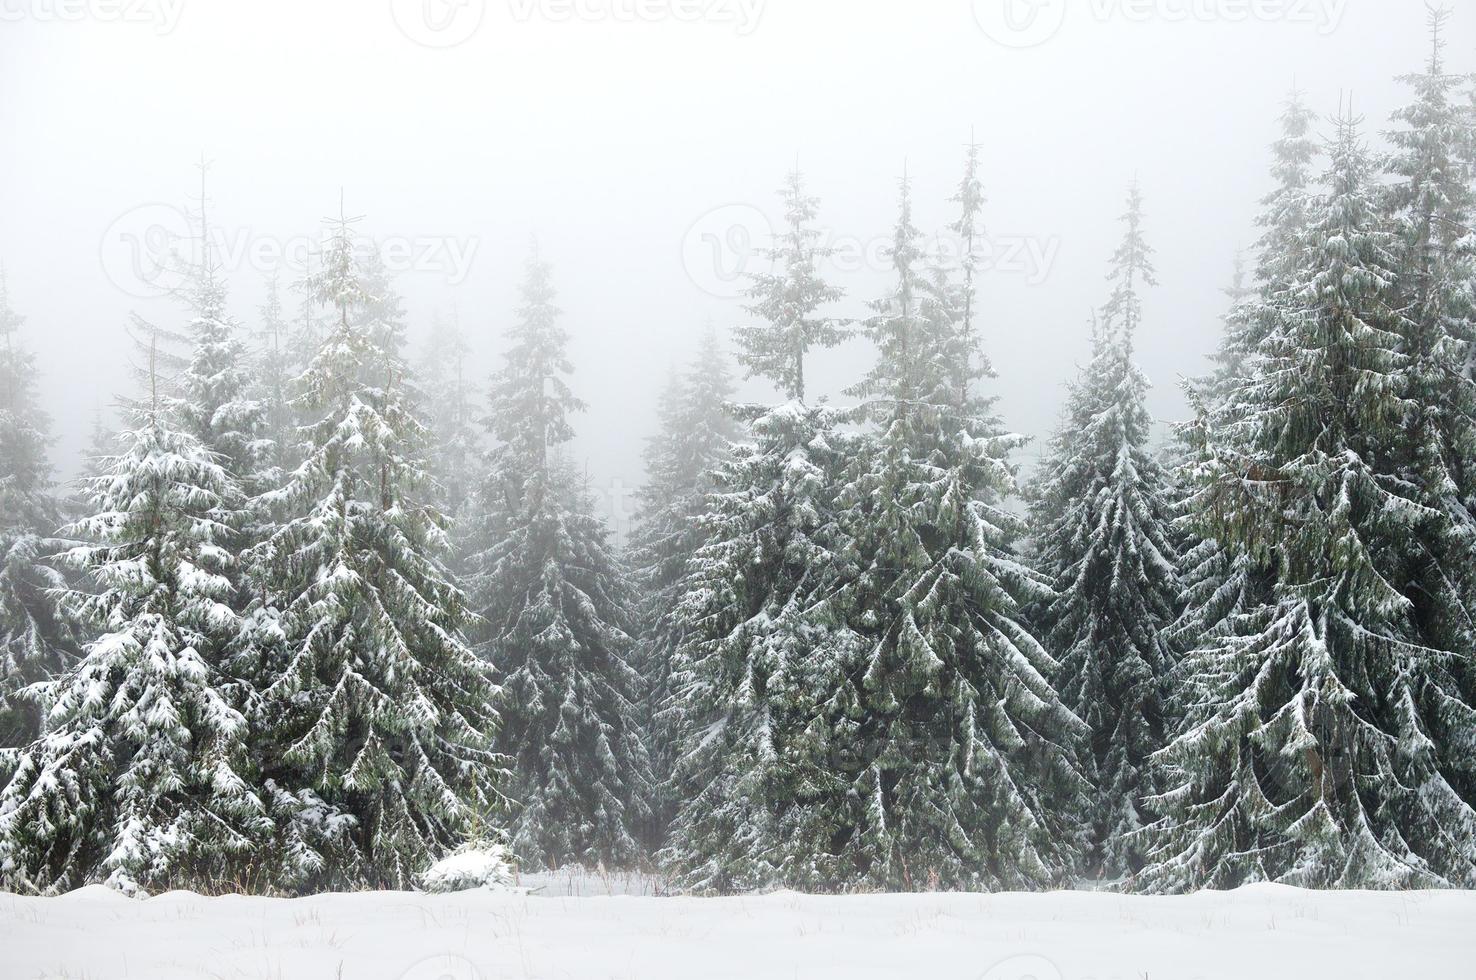 floresta de inverno no meio do nevoeiro foto